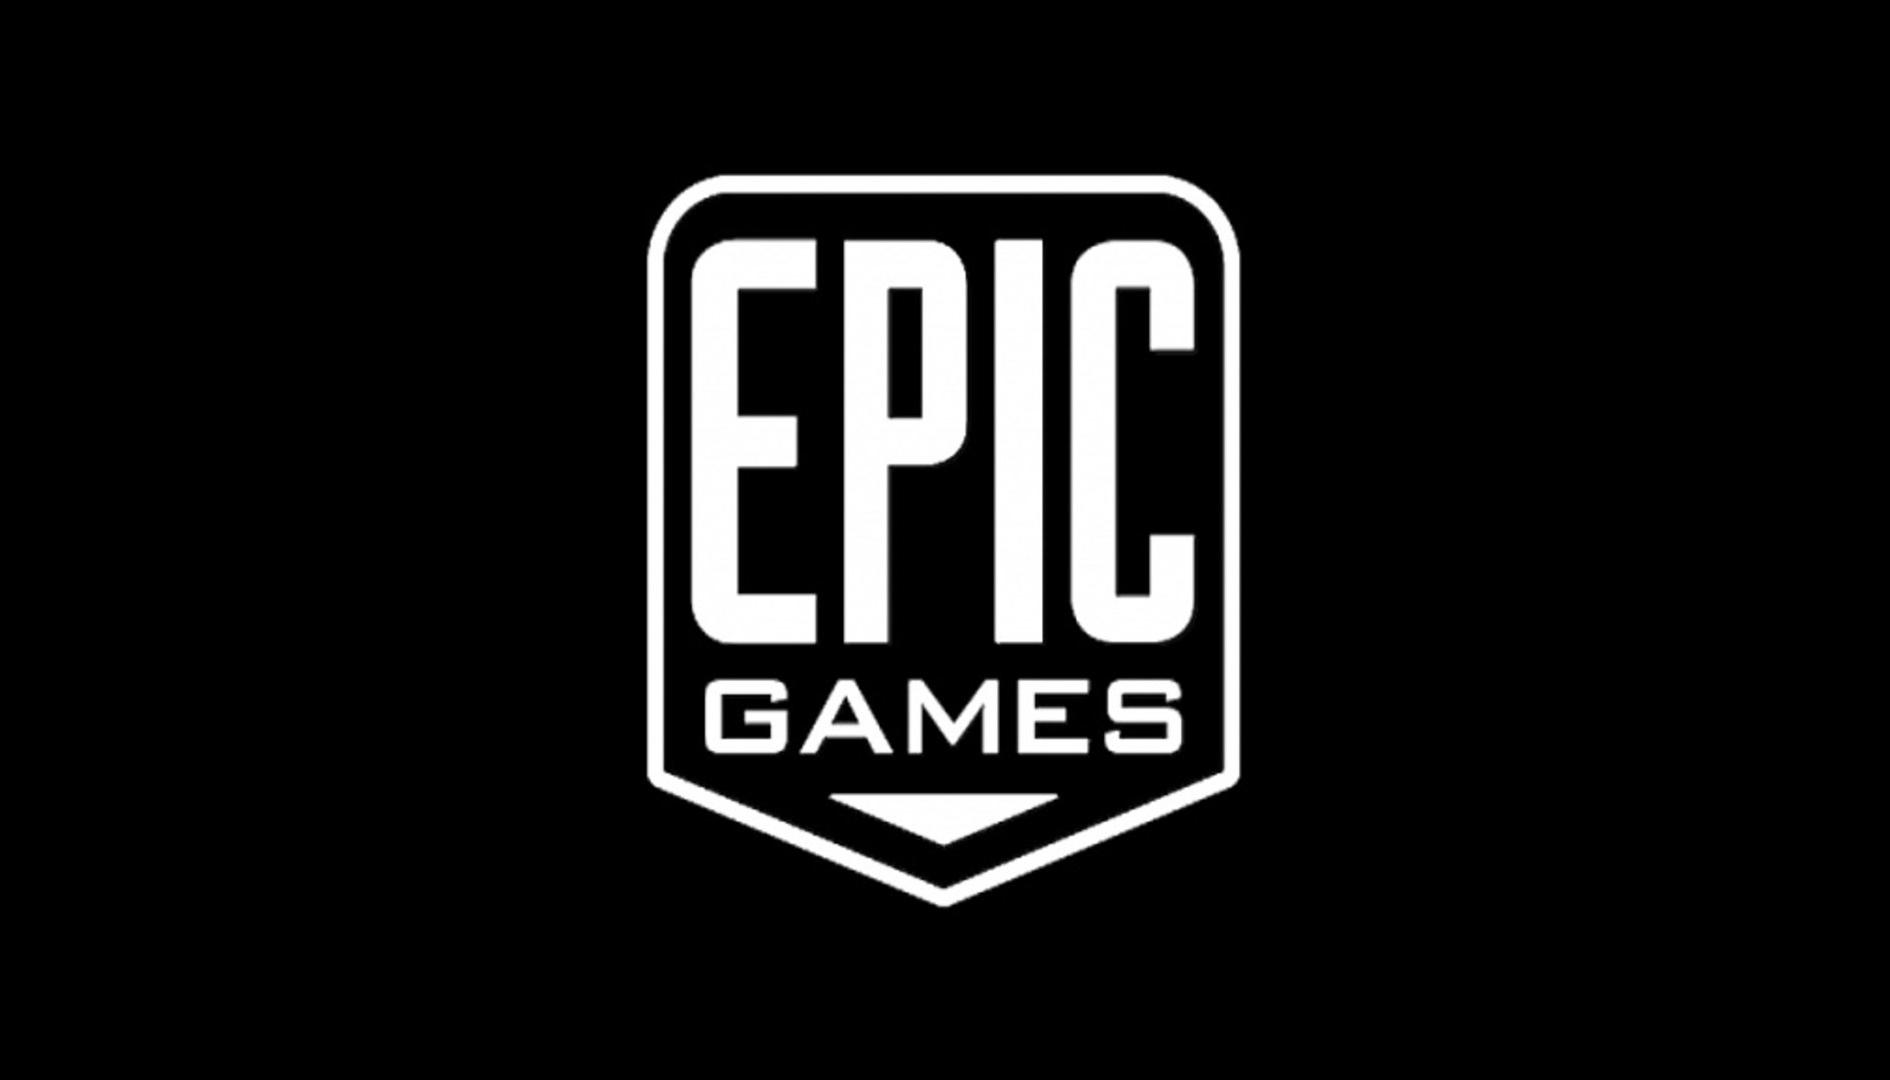 Epic Games sta per regalare 15 tripla A?